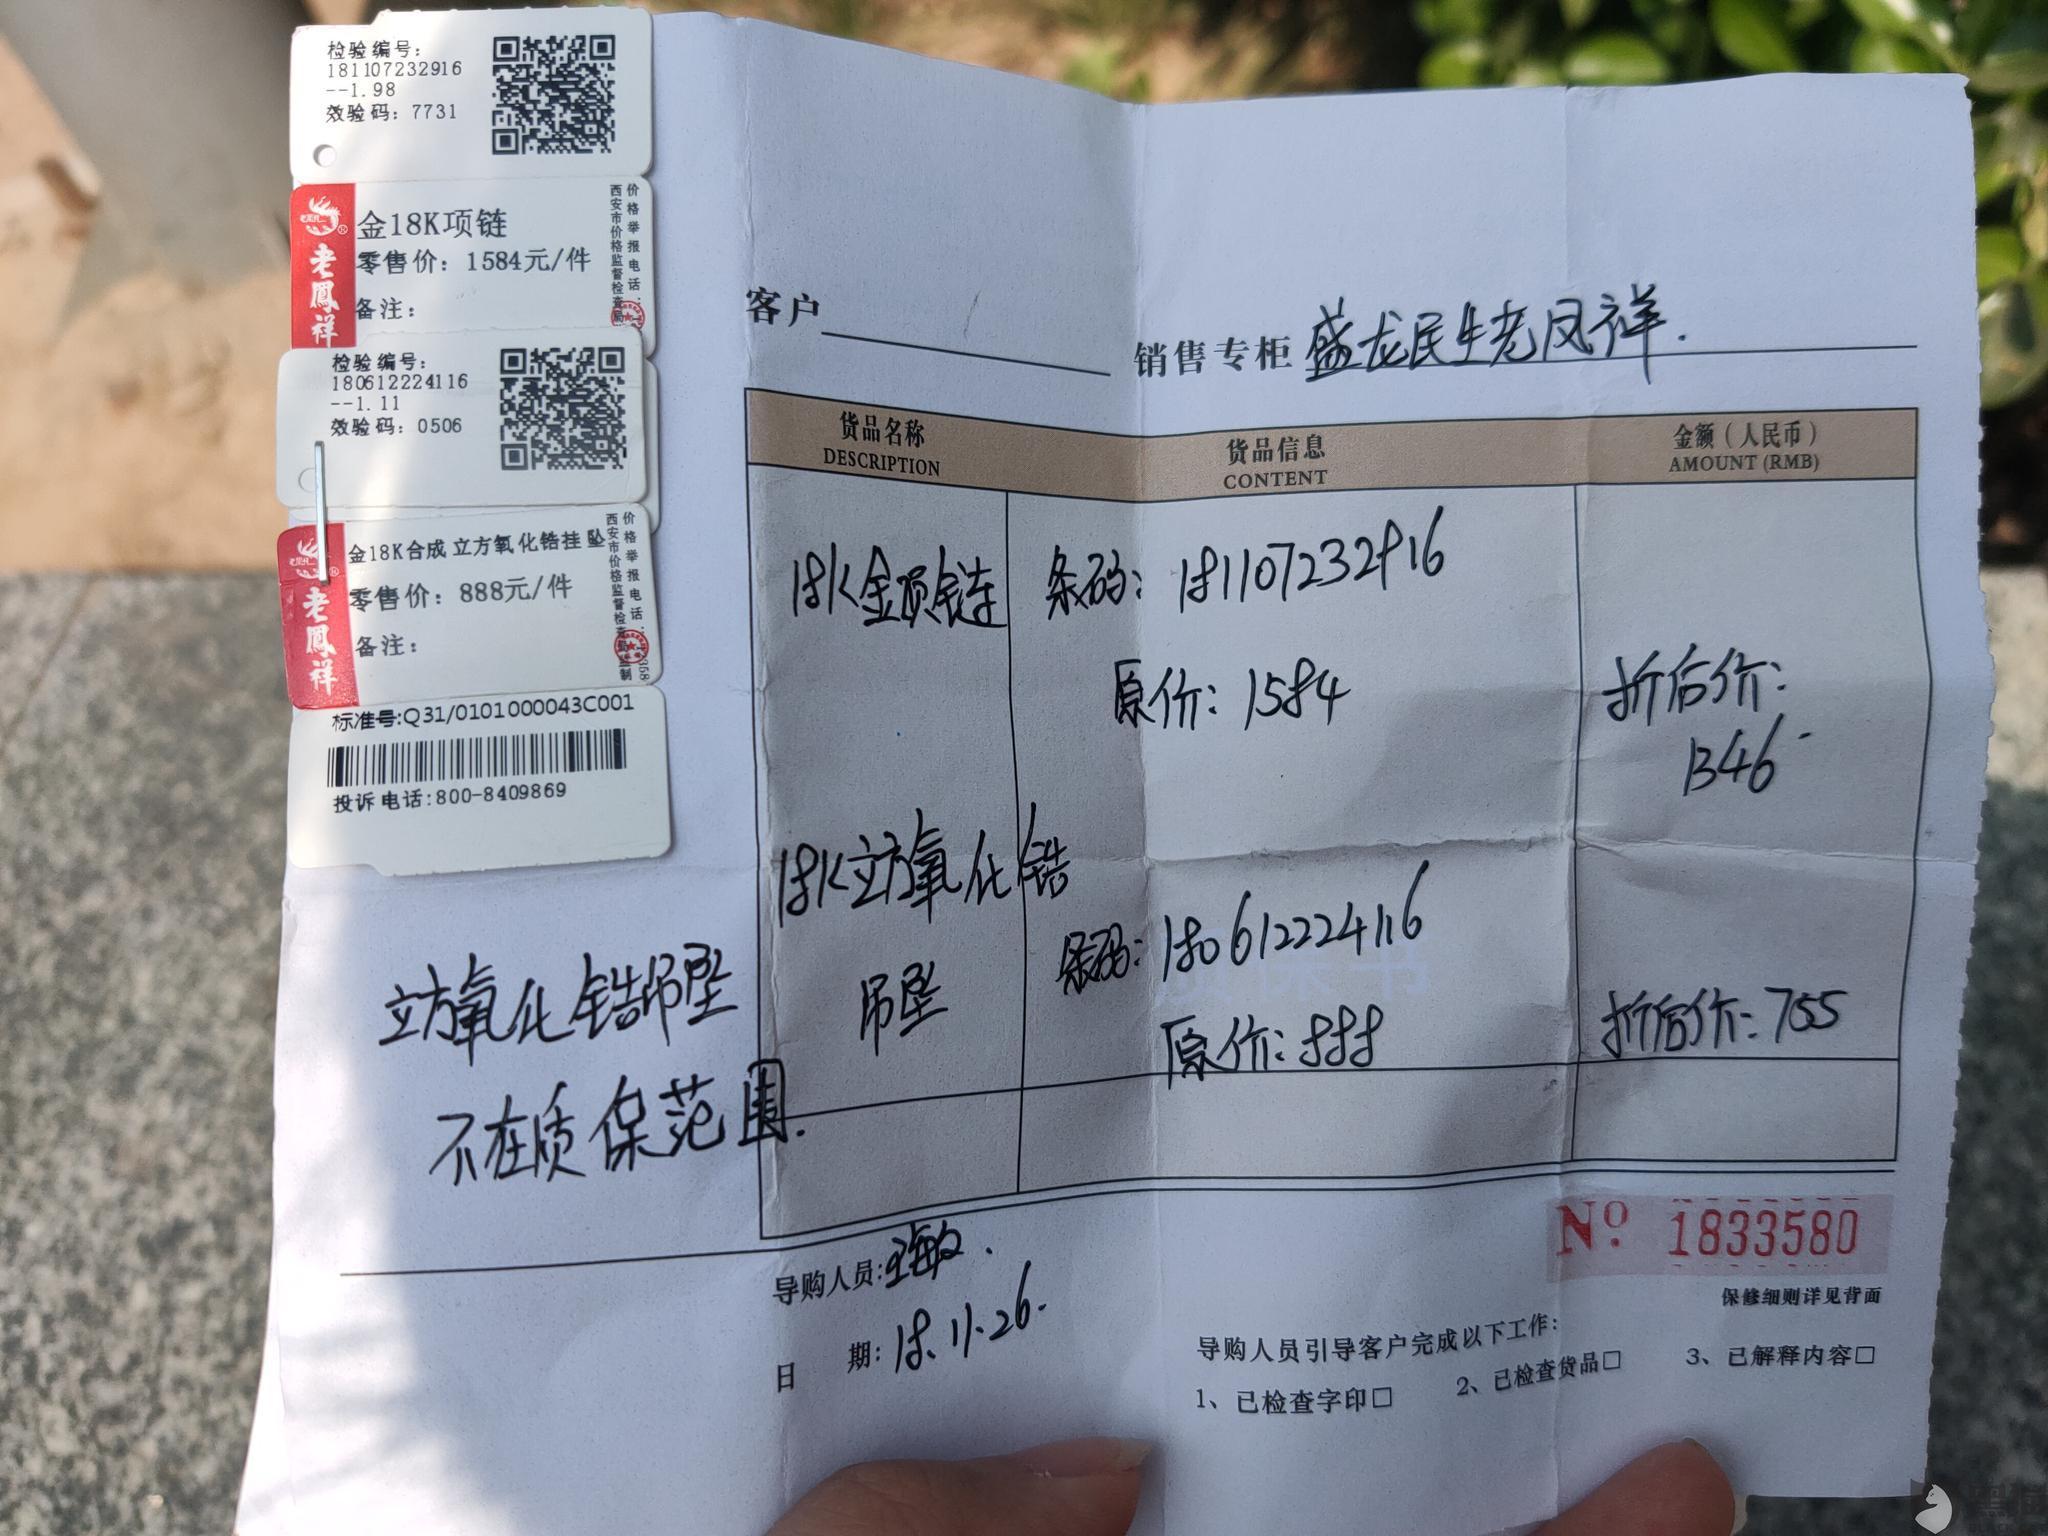 黑猫投诉:老凤祥店大欺客,连锁店不认,客服刁难,天理何在!